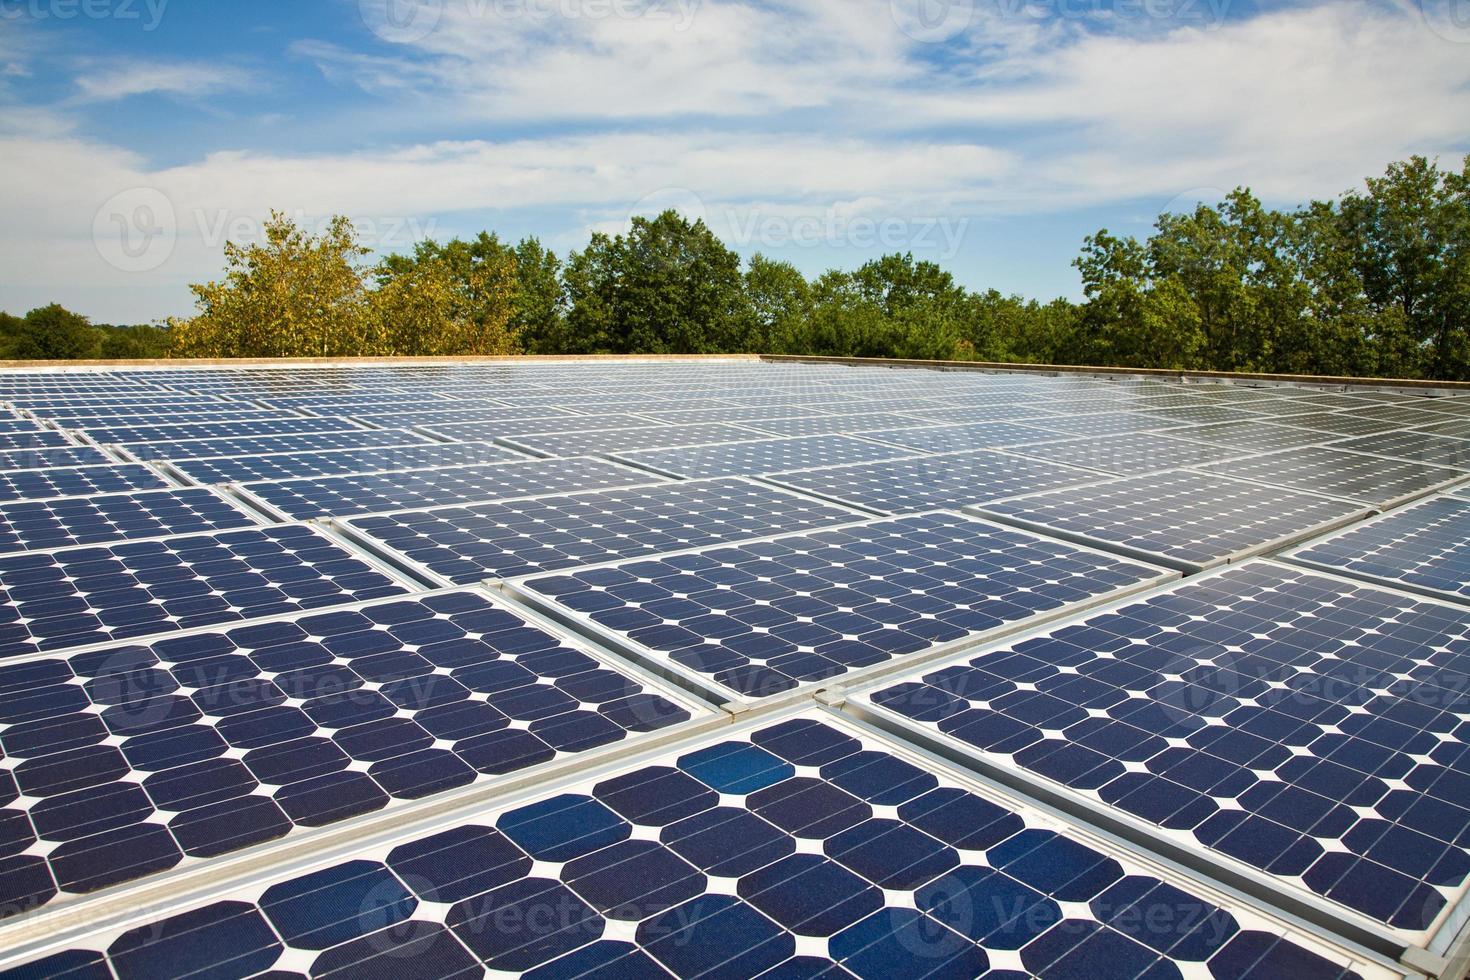 zonnepanelen op het dak van kleine bedrijven foto